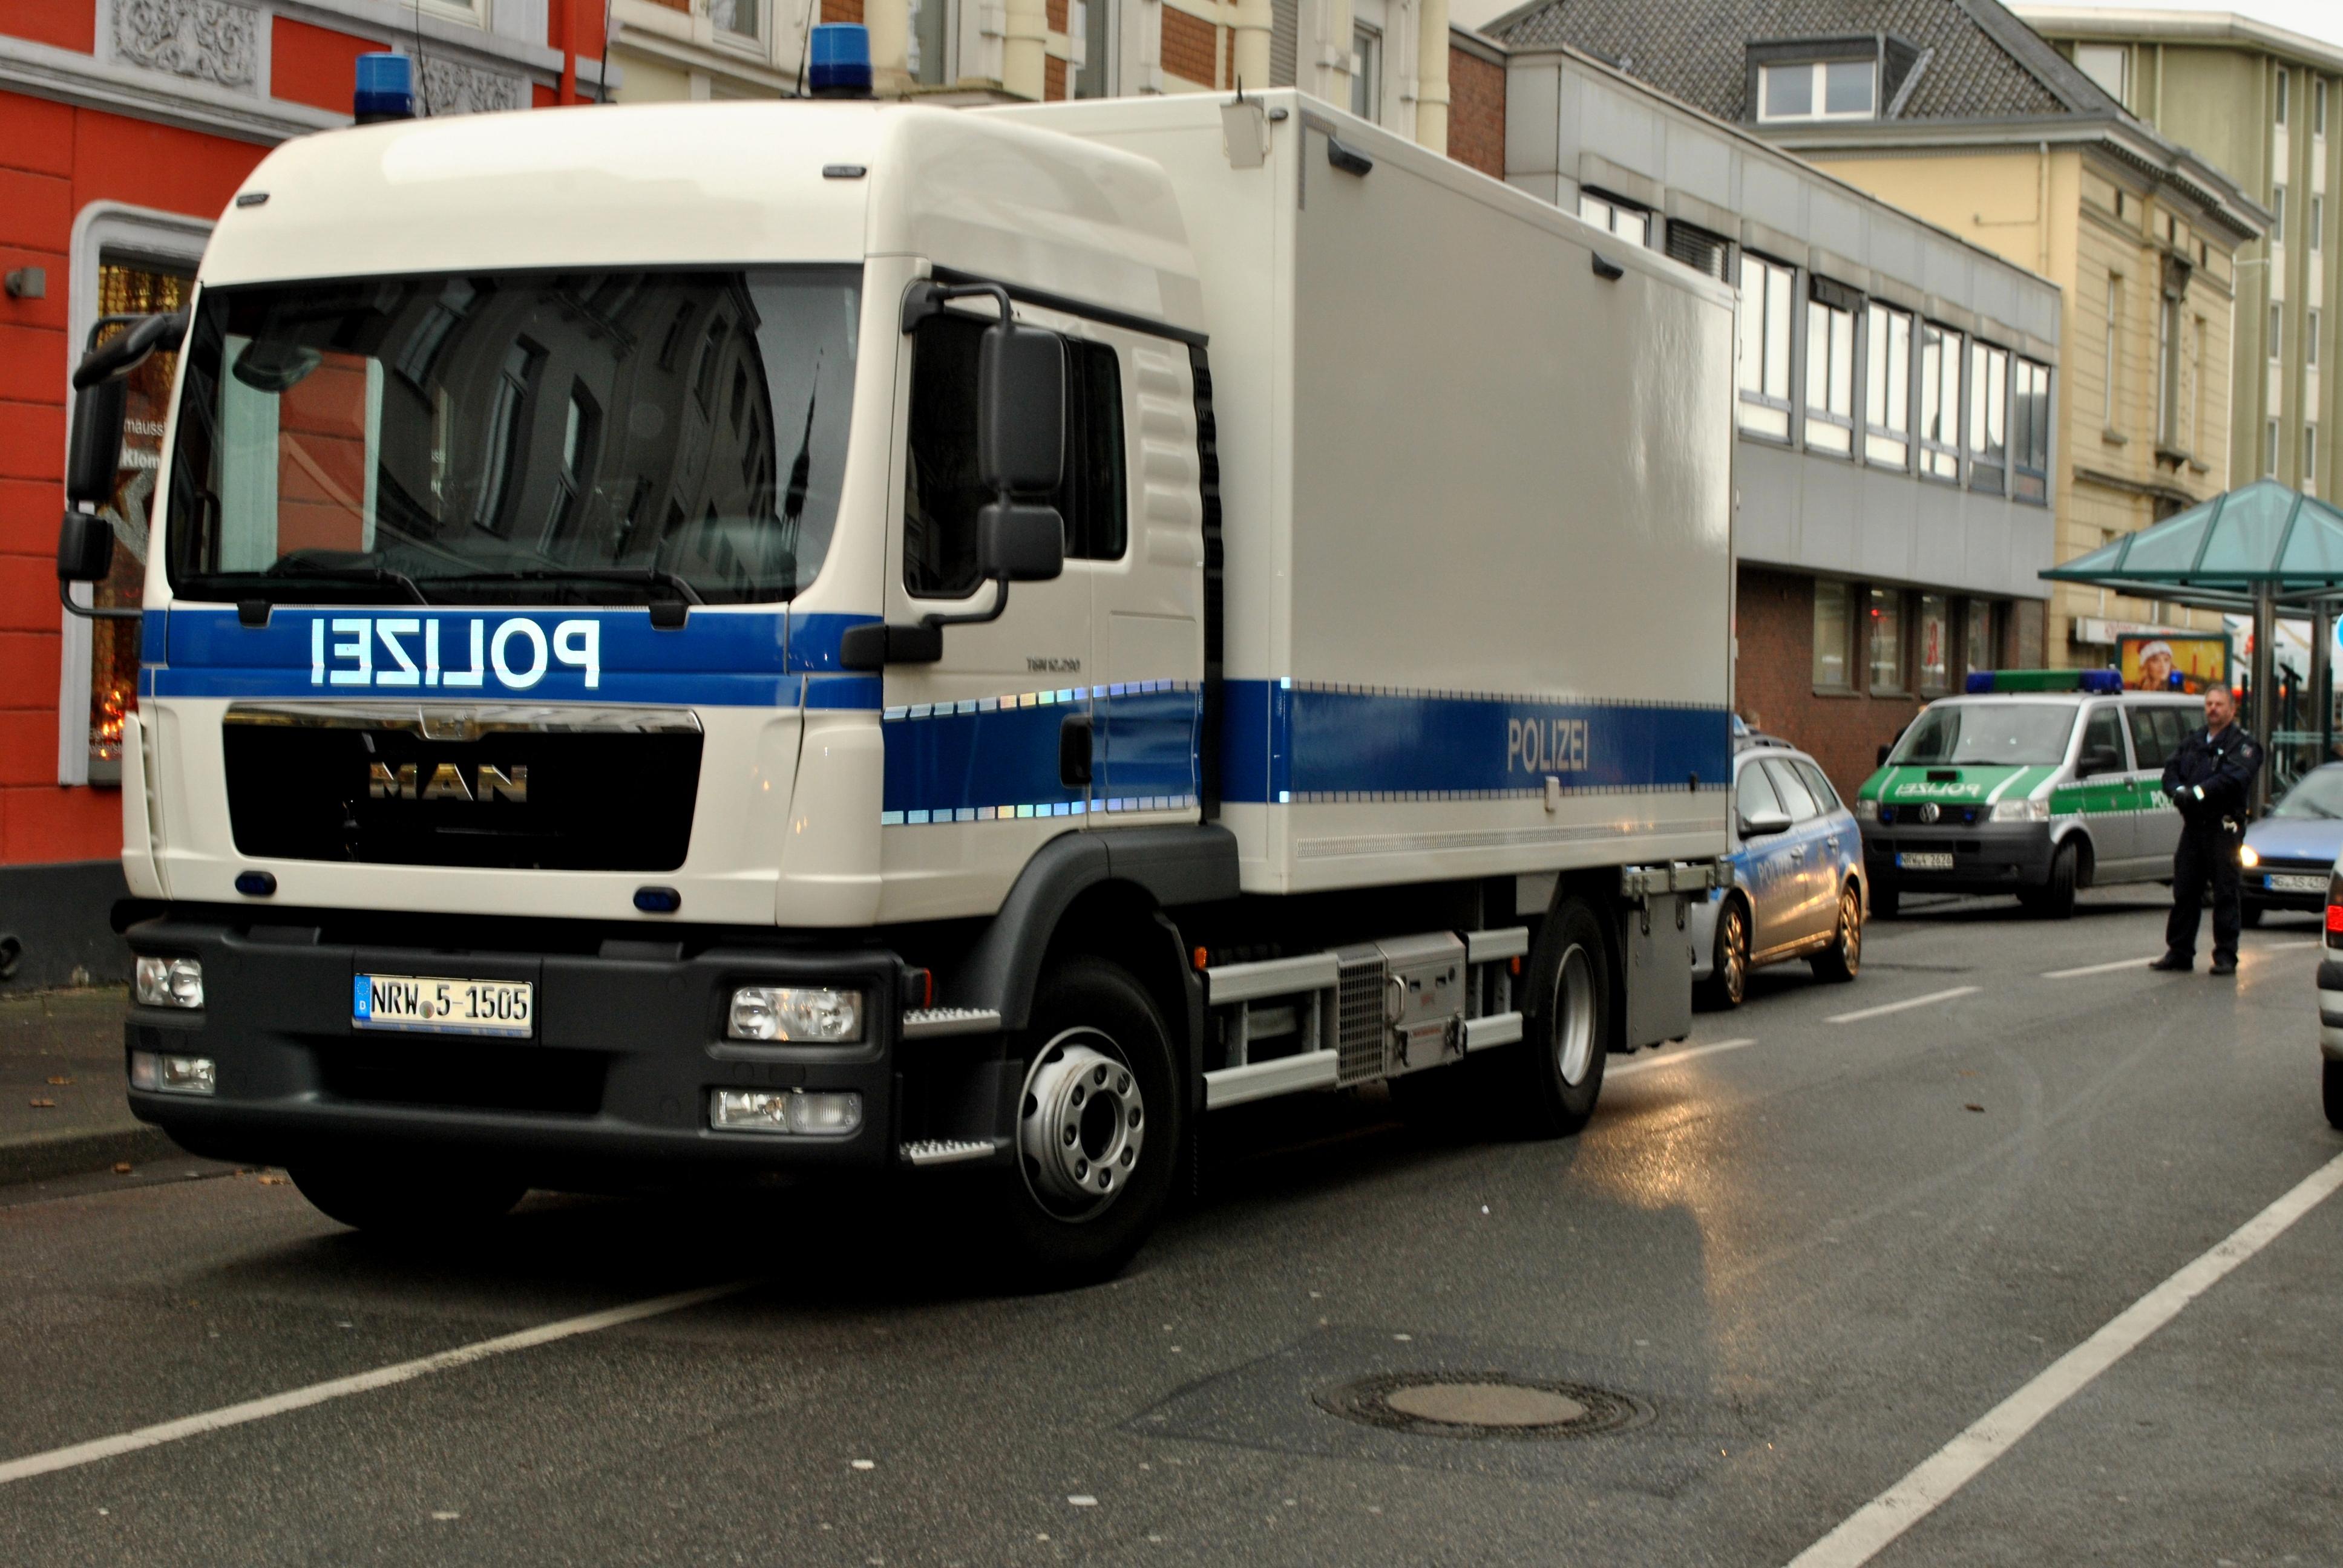 23.12.2014 - Herrenloser Koffer sorgte für Störungen im vorweihnachtlichen Verkehr in der Rheydter Innenstadt